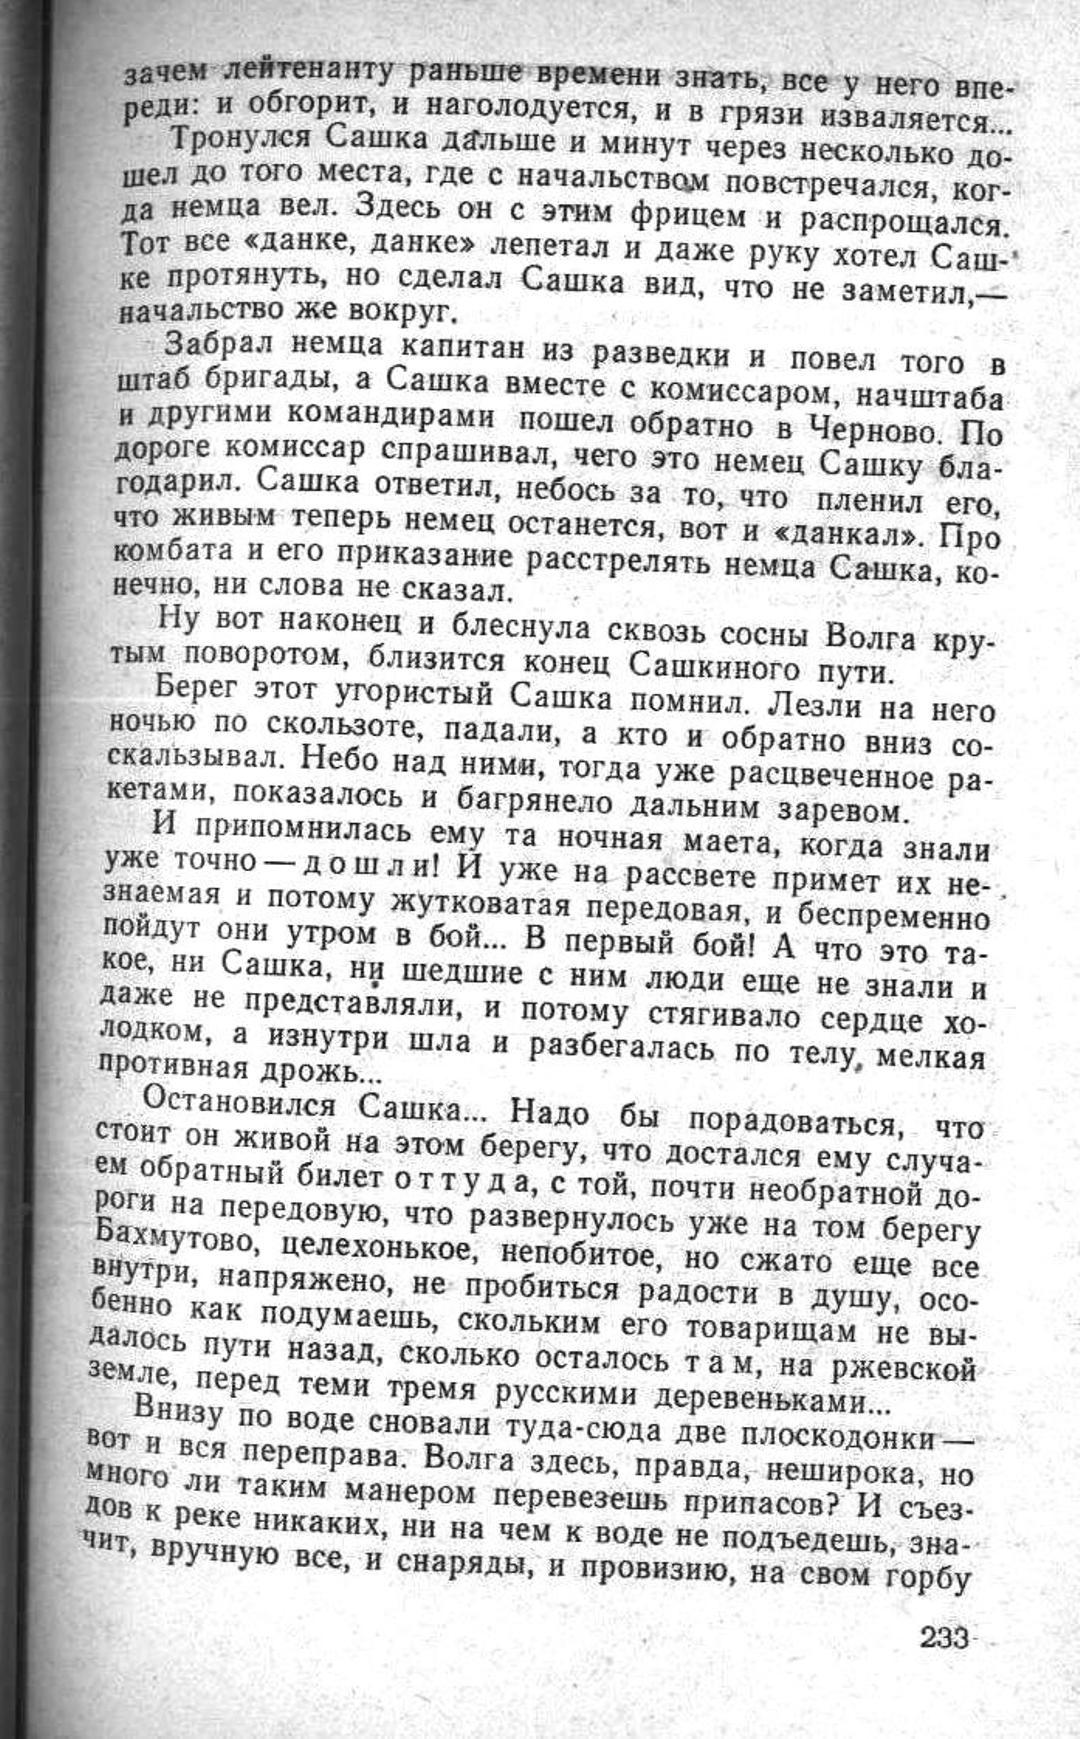 Сашка. Повесть. Вячеслав Кондратьев. 008. 002